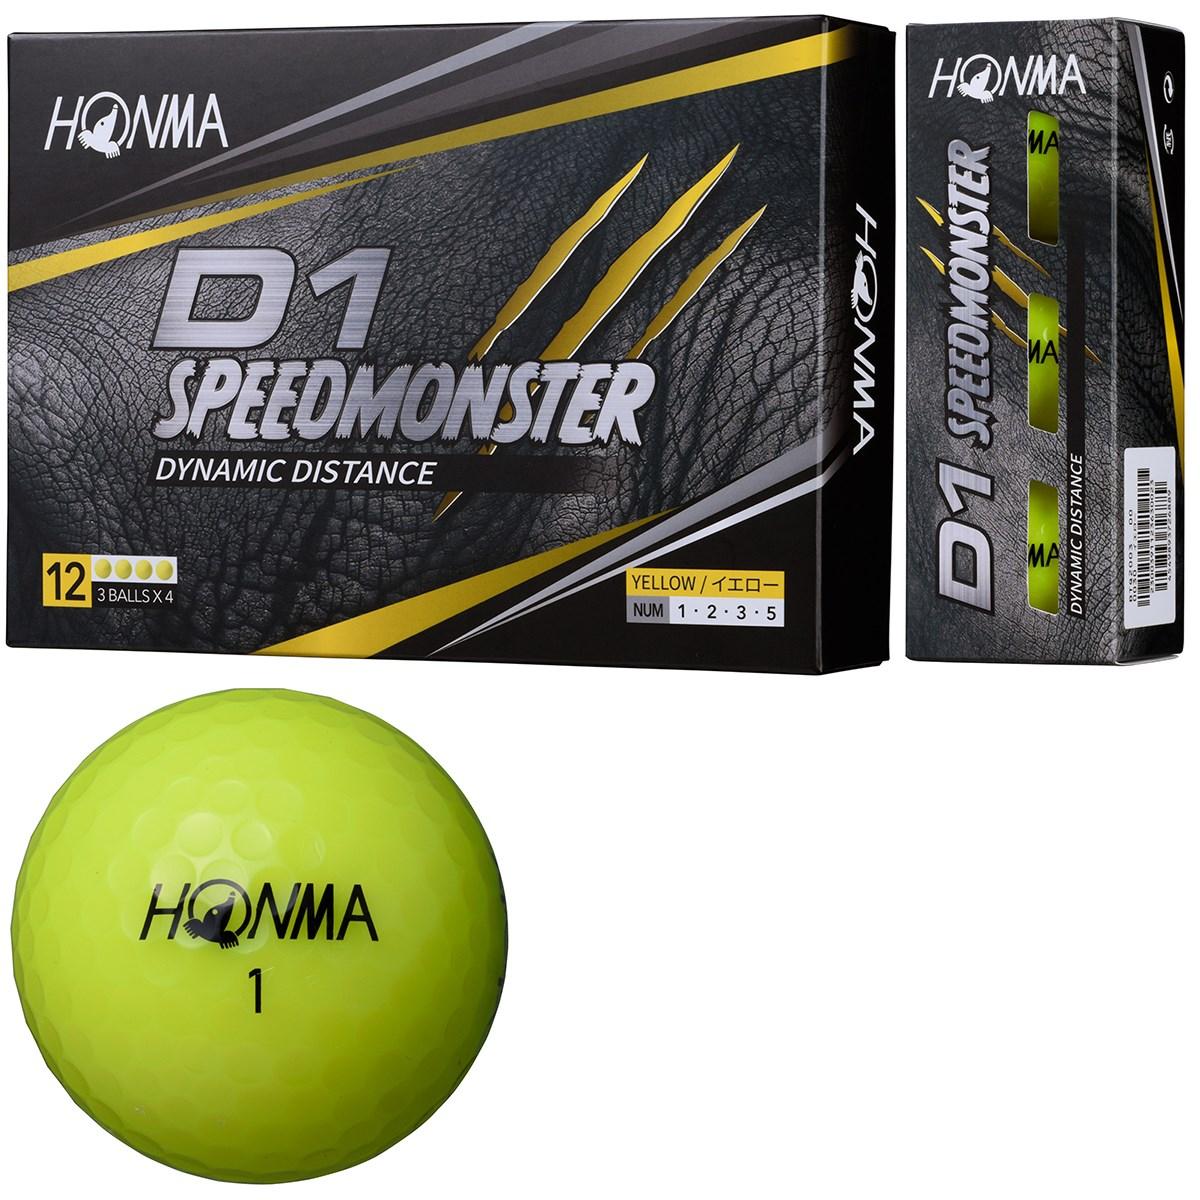 本間ゴルフ HONMA D1 スピードモンスター ボール 1ダース(12個入り) イエロー